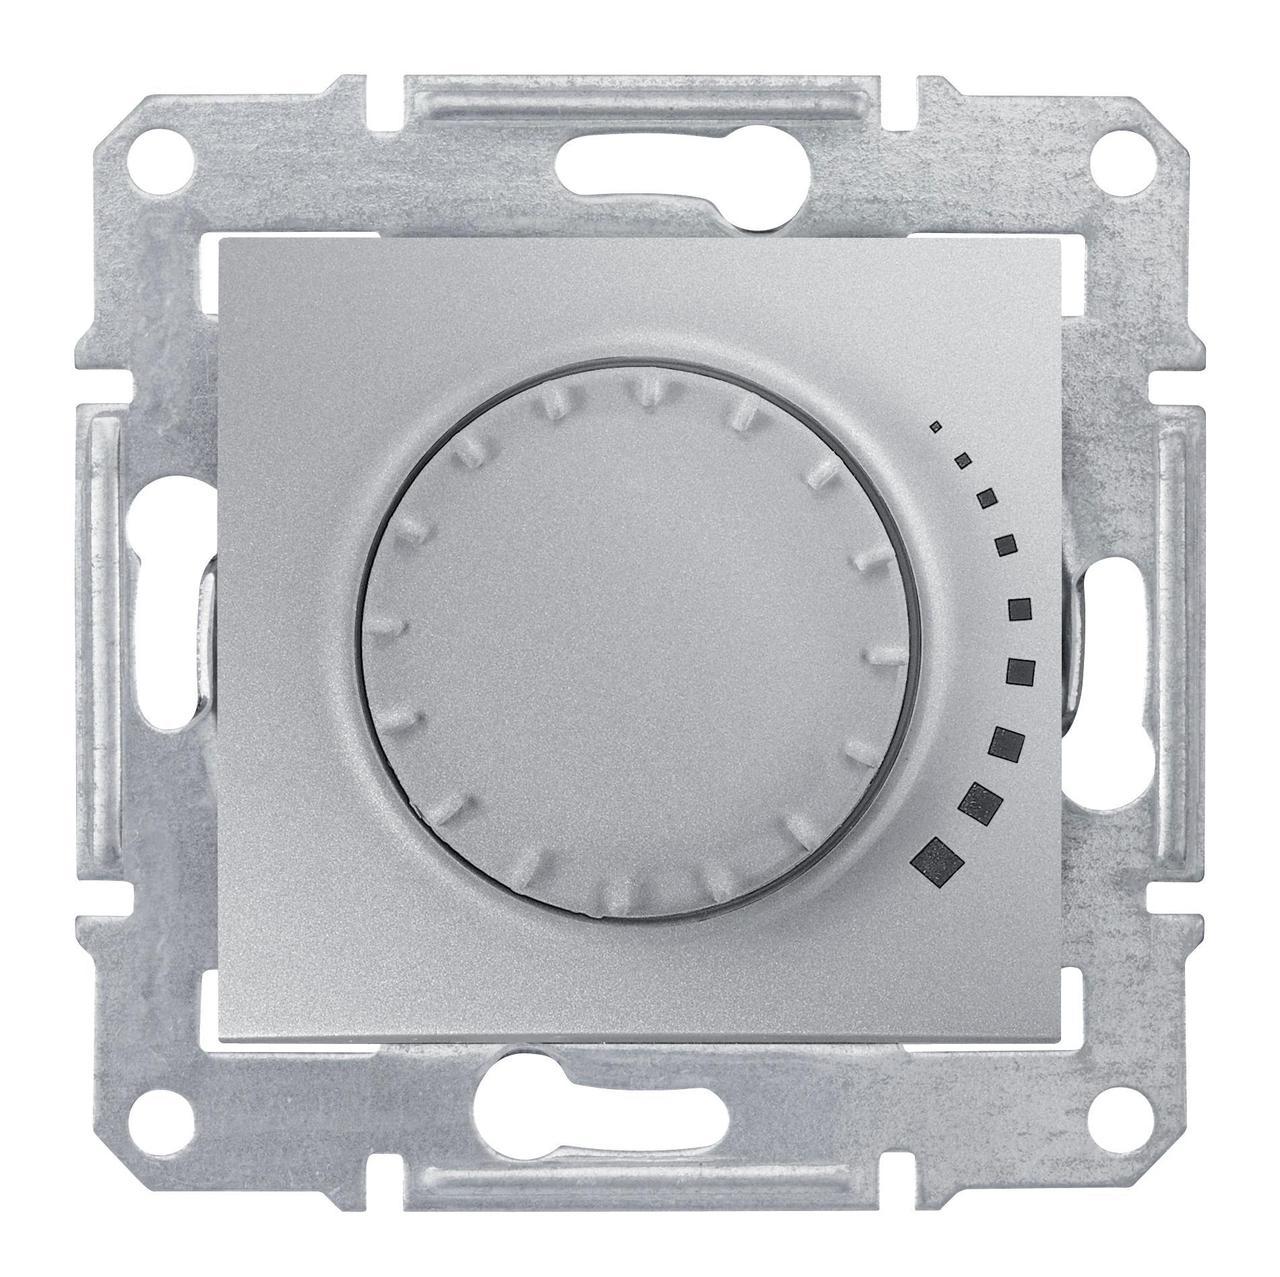 Диммер поворотно-нажимной , 400Вт LED универсальны , Алюминий, серия Sedna, Schneider Electric